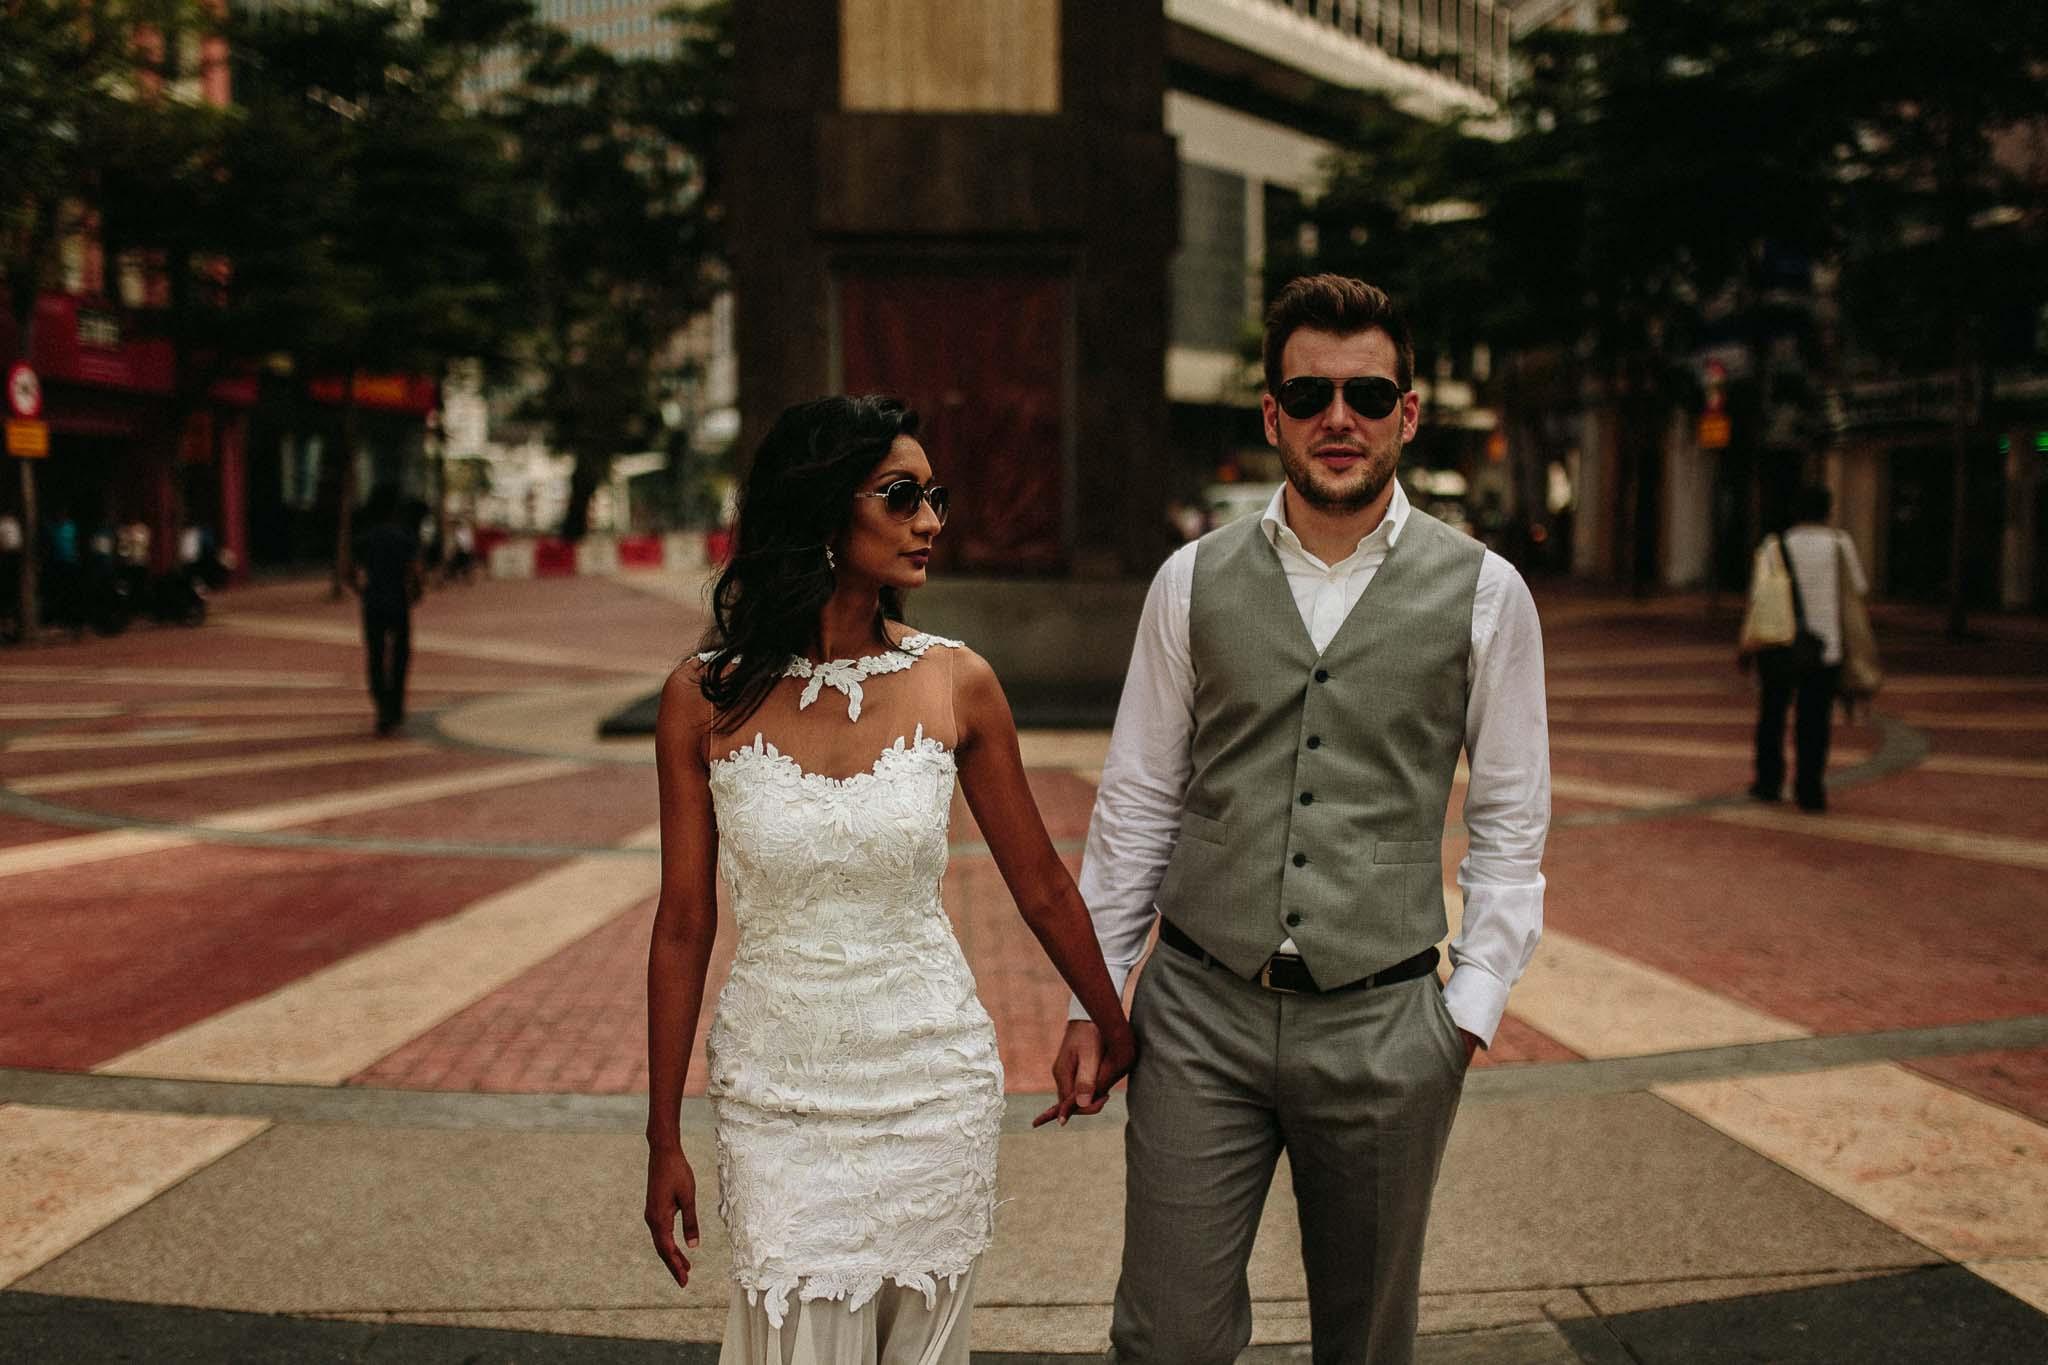 u&m-weddingsbyqay-lovesession-destinationweddingphotographer (125 of 160).jpg